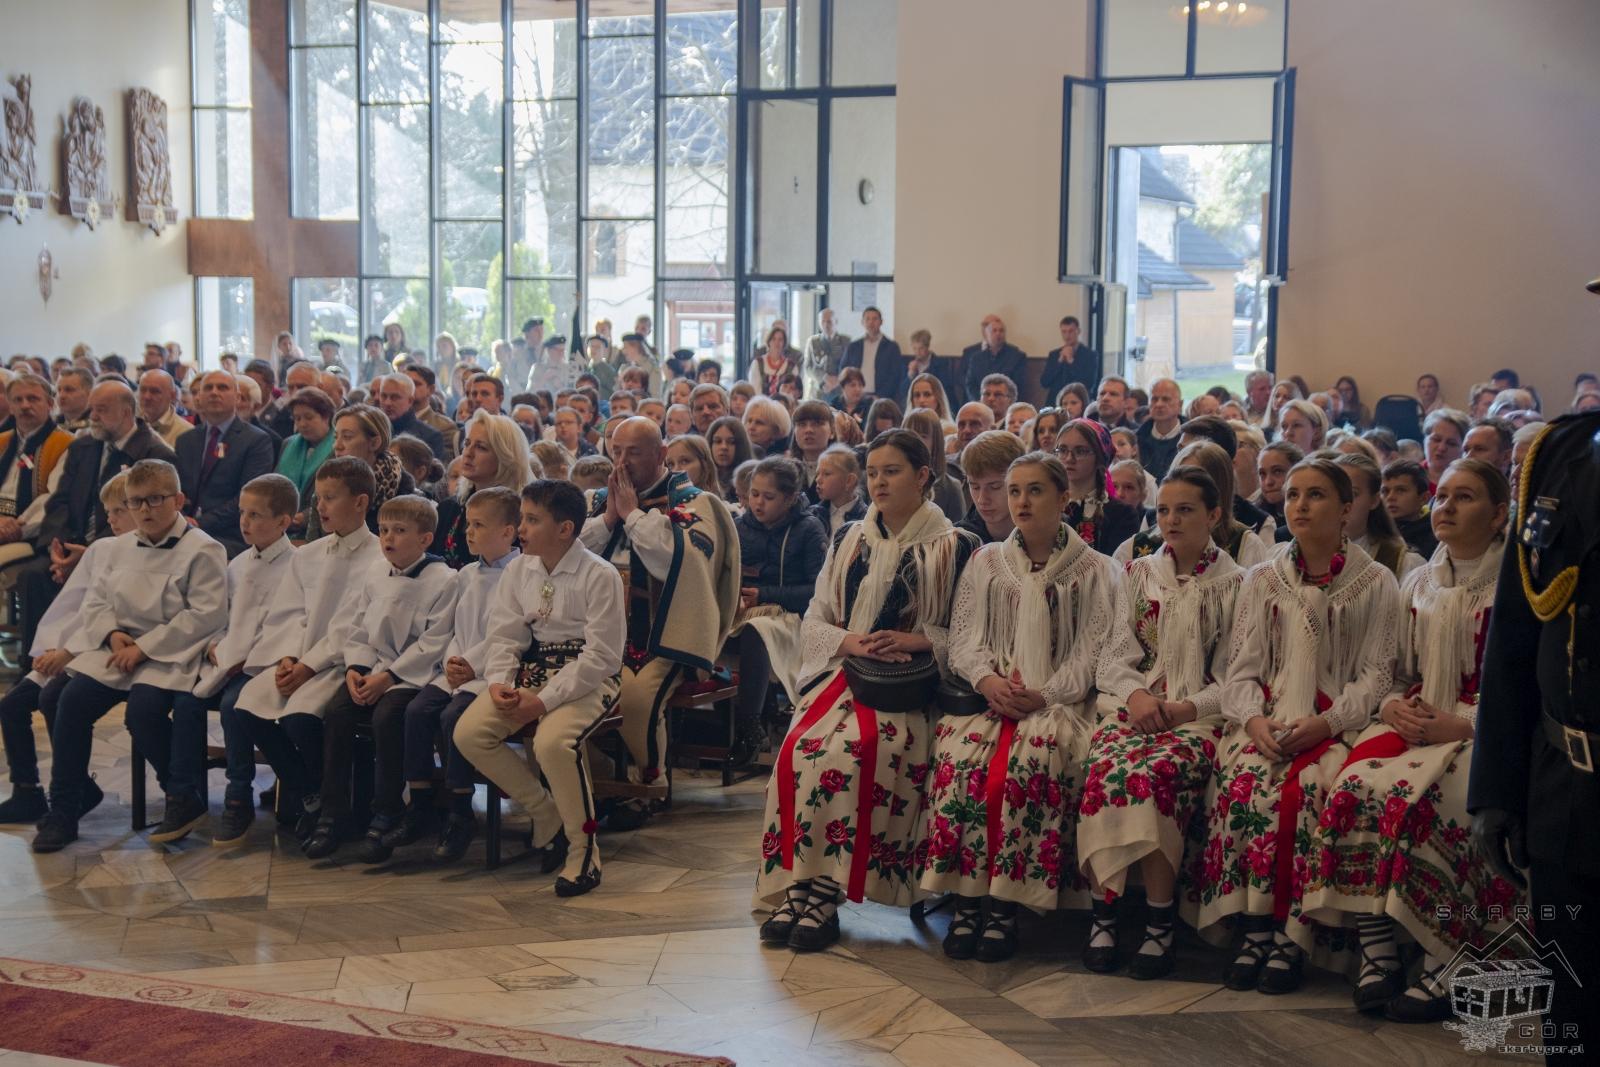 Obchody 100-lecia niepodległości w Bukowinie Tatrzańskiej - Msza Święta